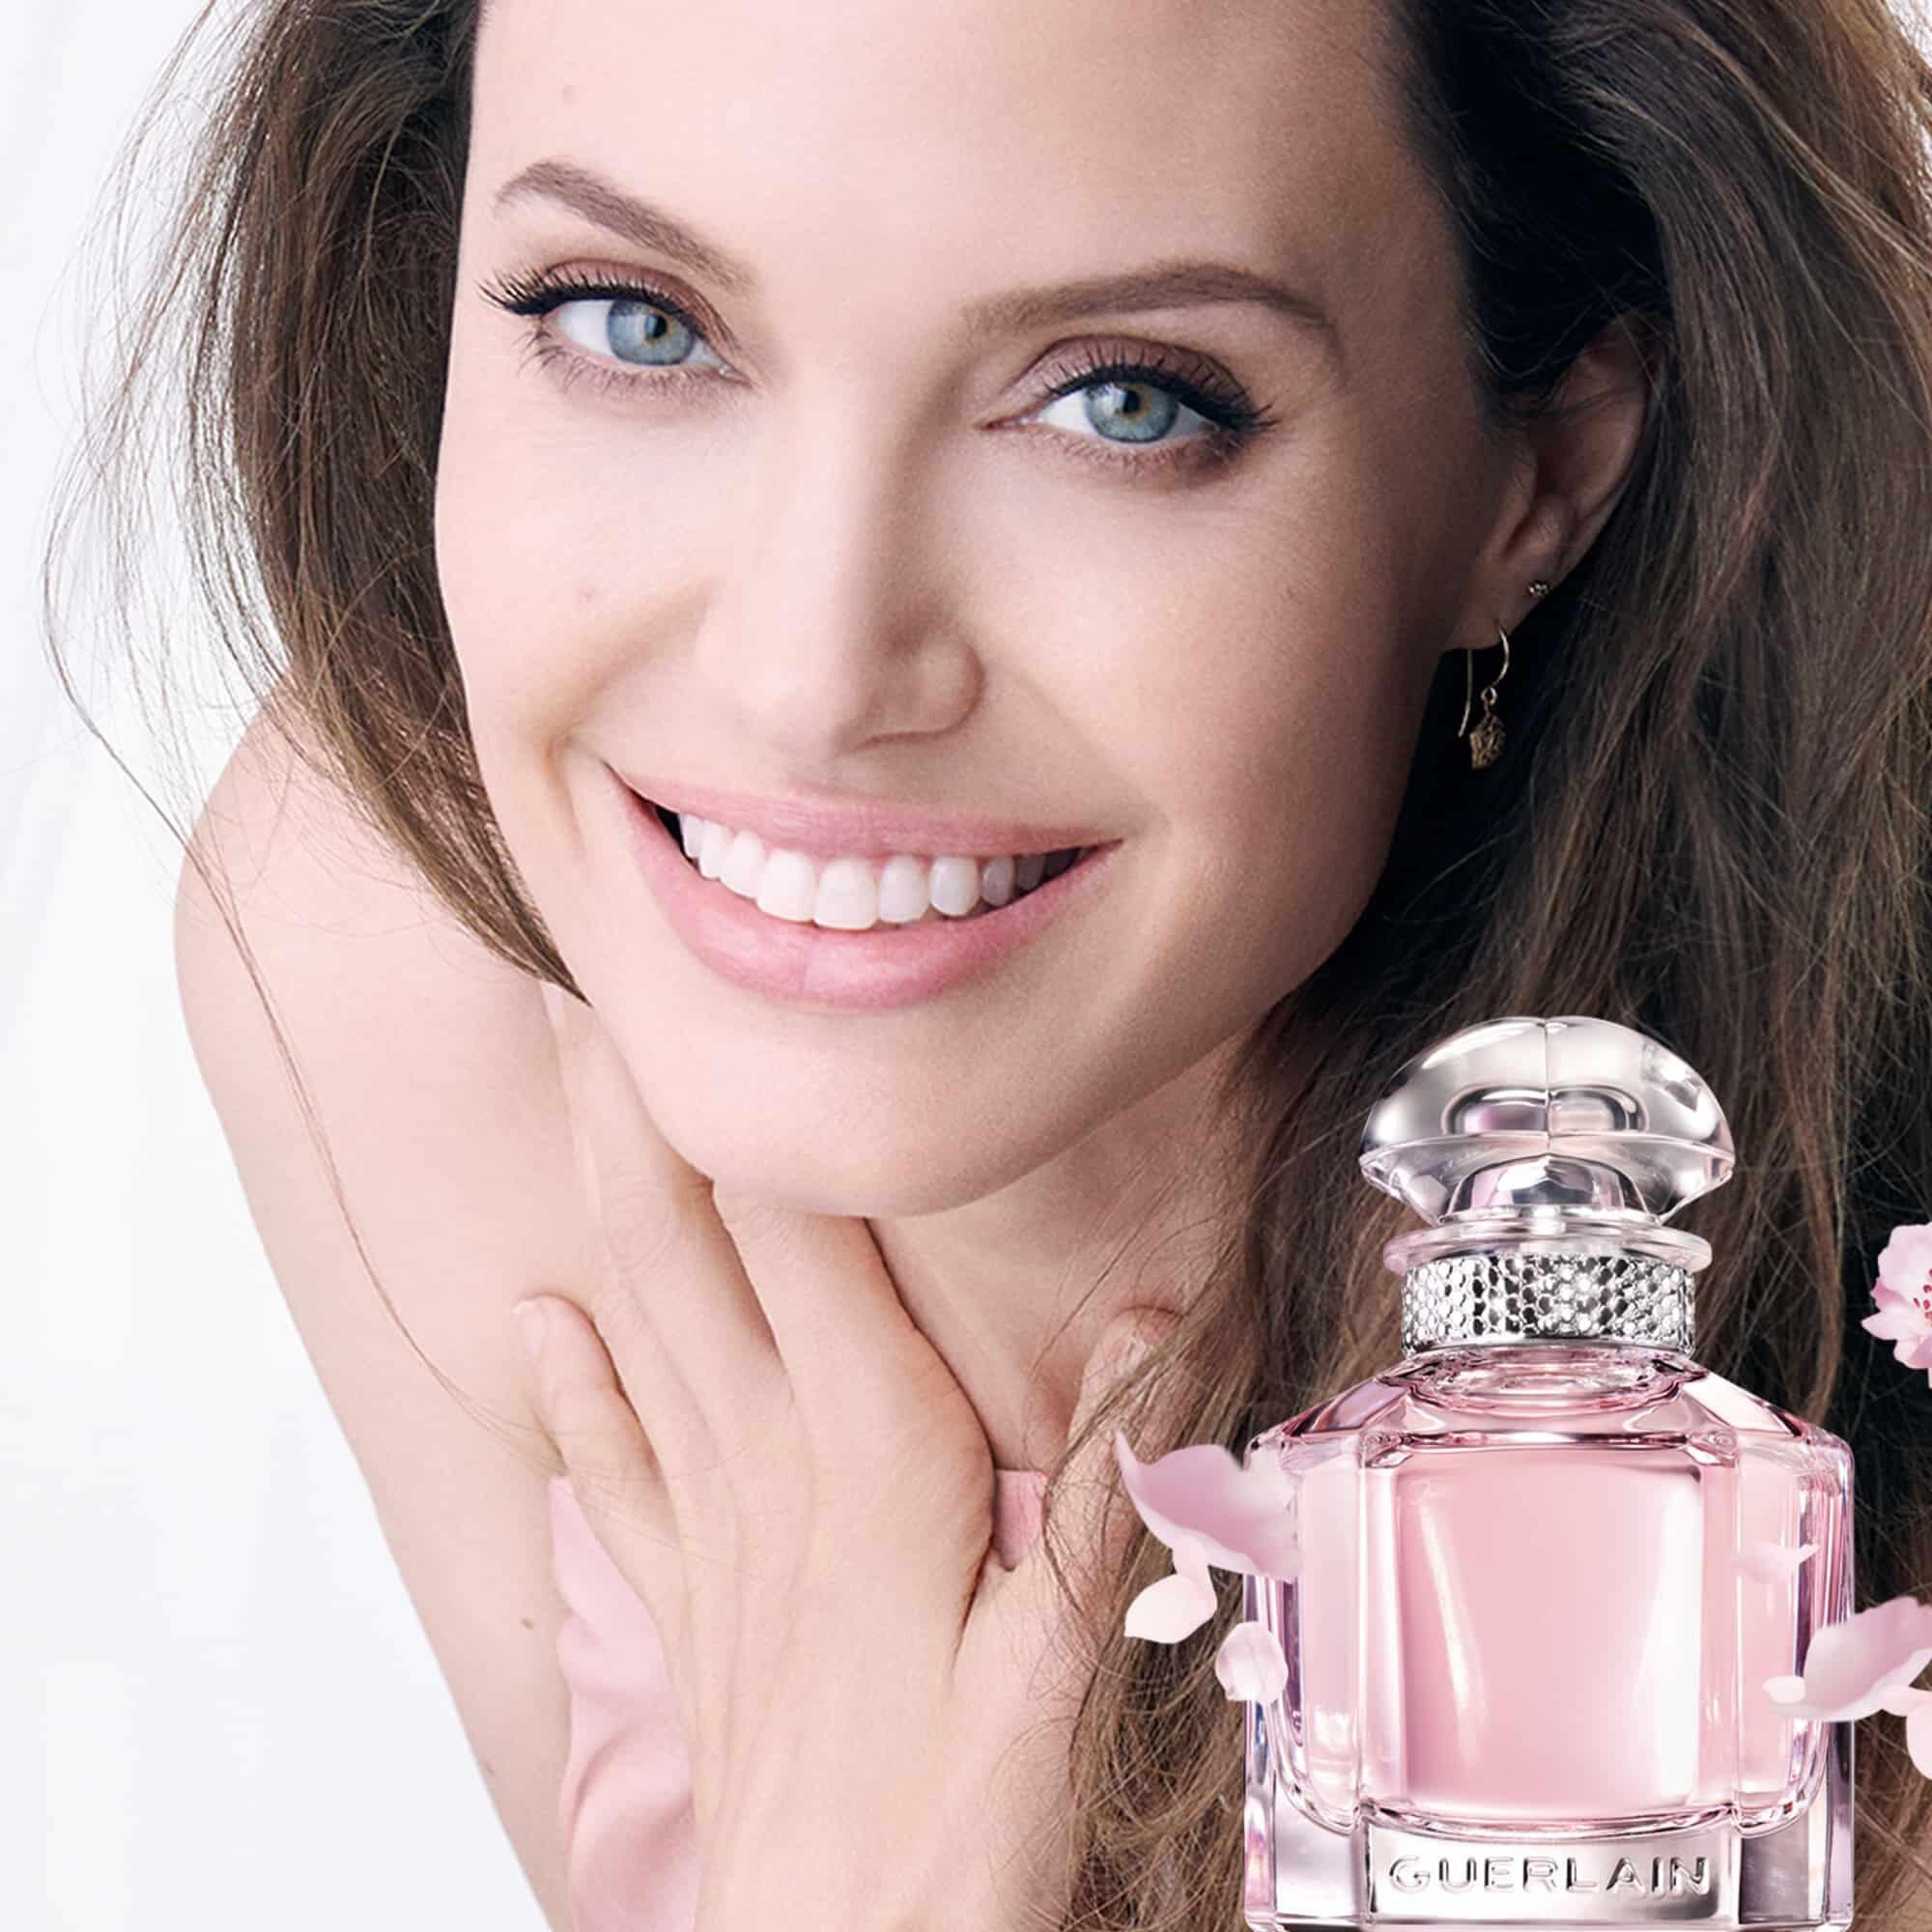 5 loại nước hoa thích hợp khi đi hẹn hò, khiến chàng đổ đứ đừ với hương vừa sang vừa sexy - Ảnh 6.